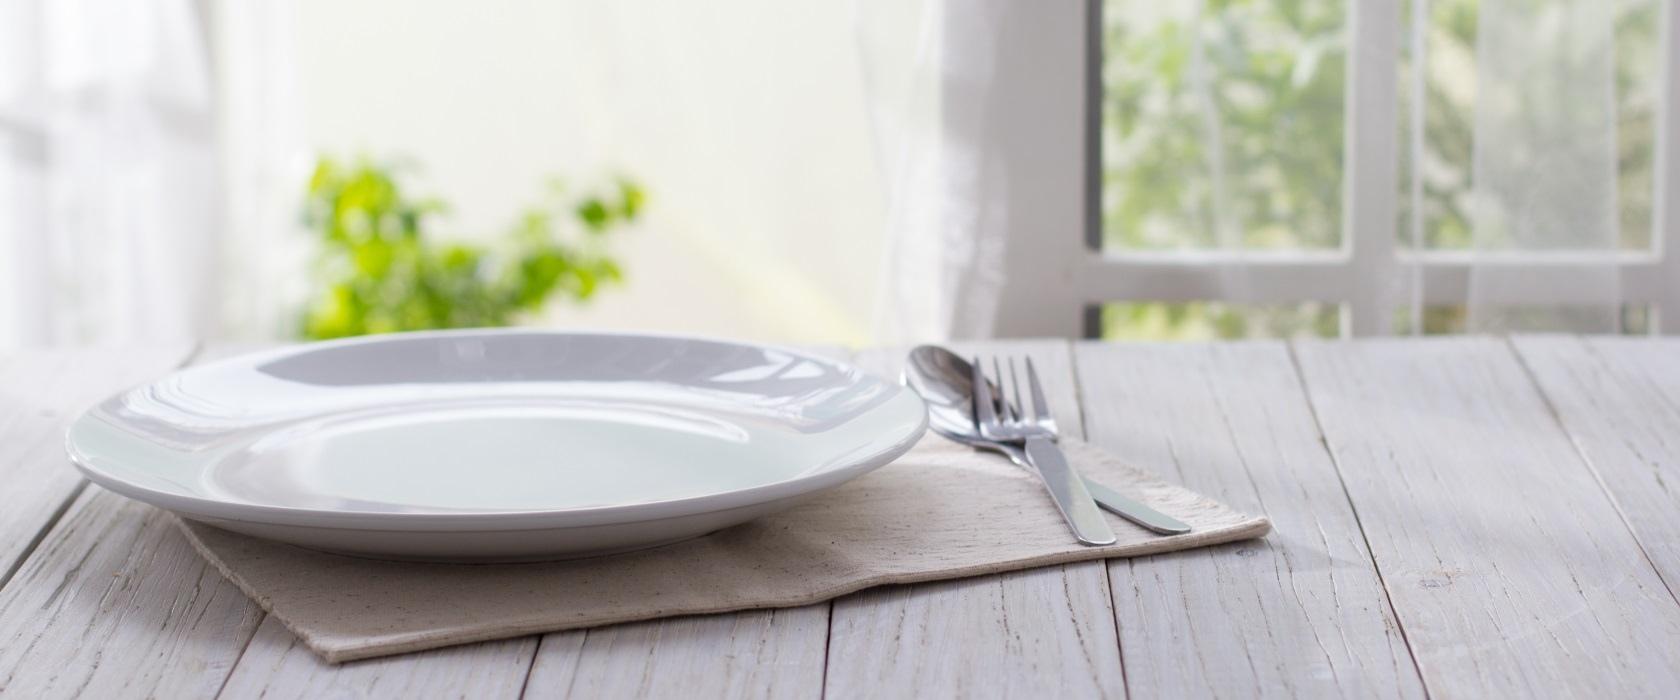 Как быстро похудеть без диет? | вкусные рецепты | яндекс дзен.